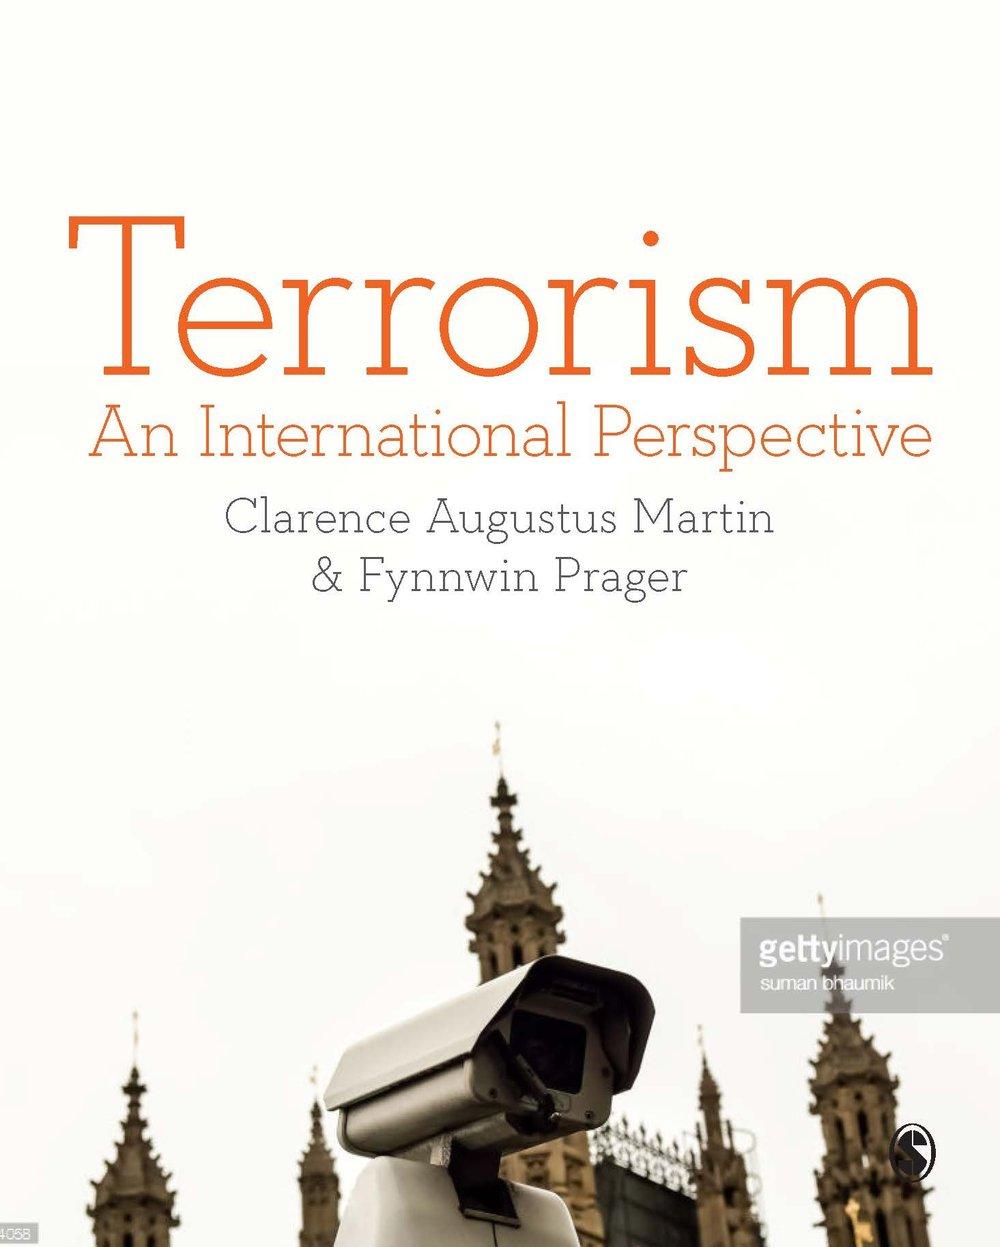 Martin+-+Terrorism_drafts.jpg